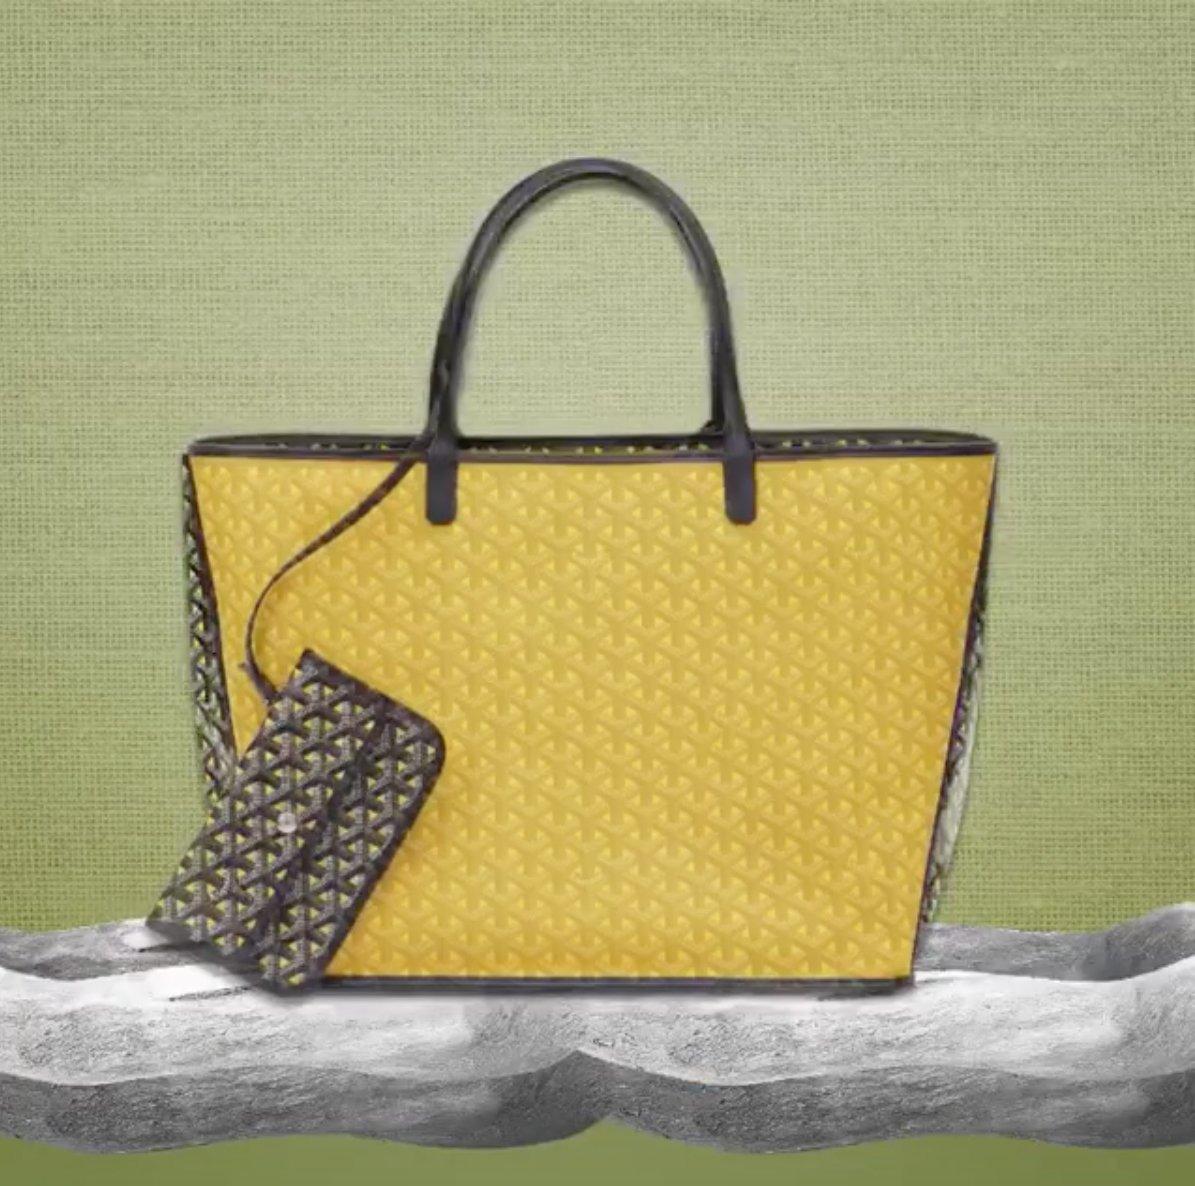 goyard-saint-louis-claire-voie-bag-yellow-2